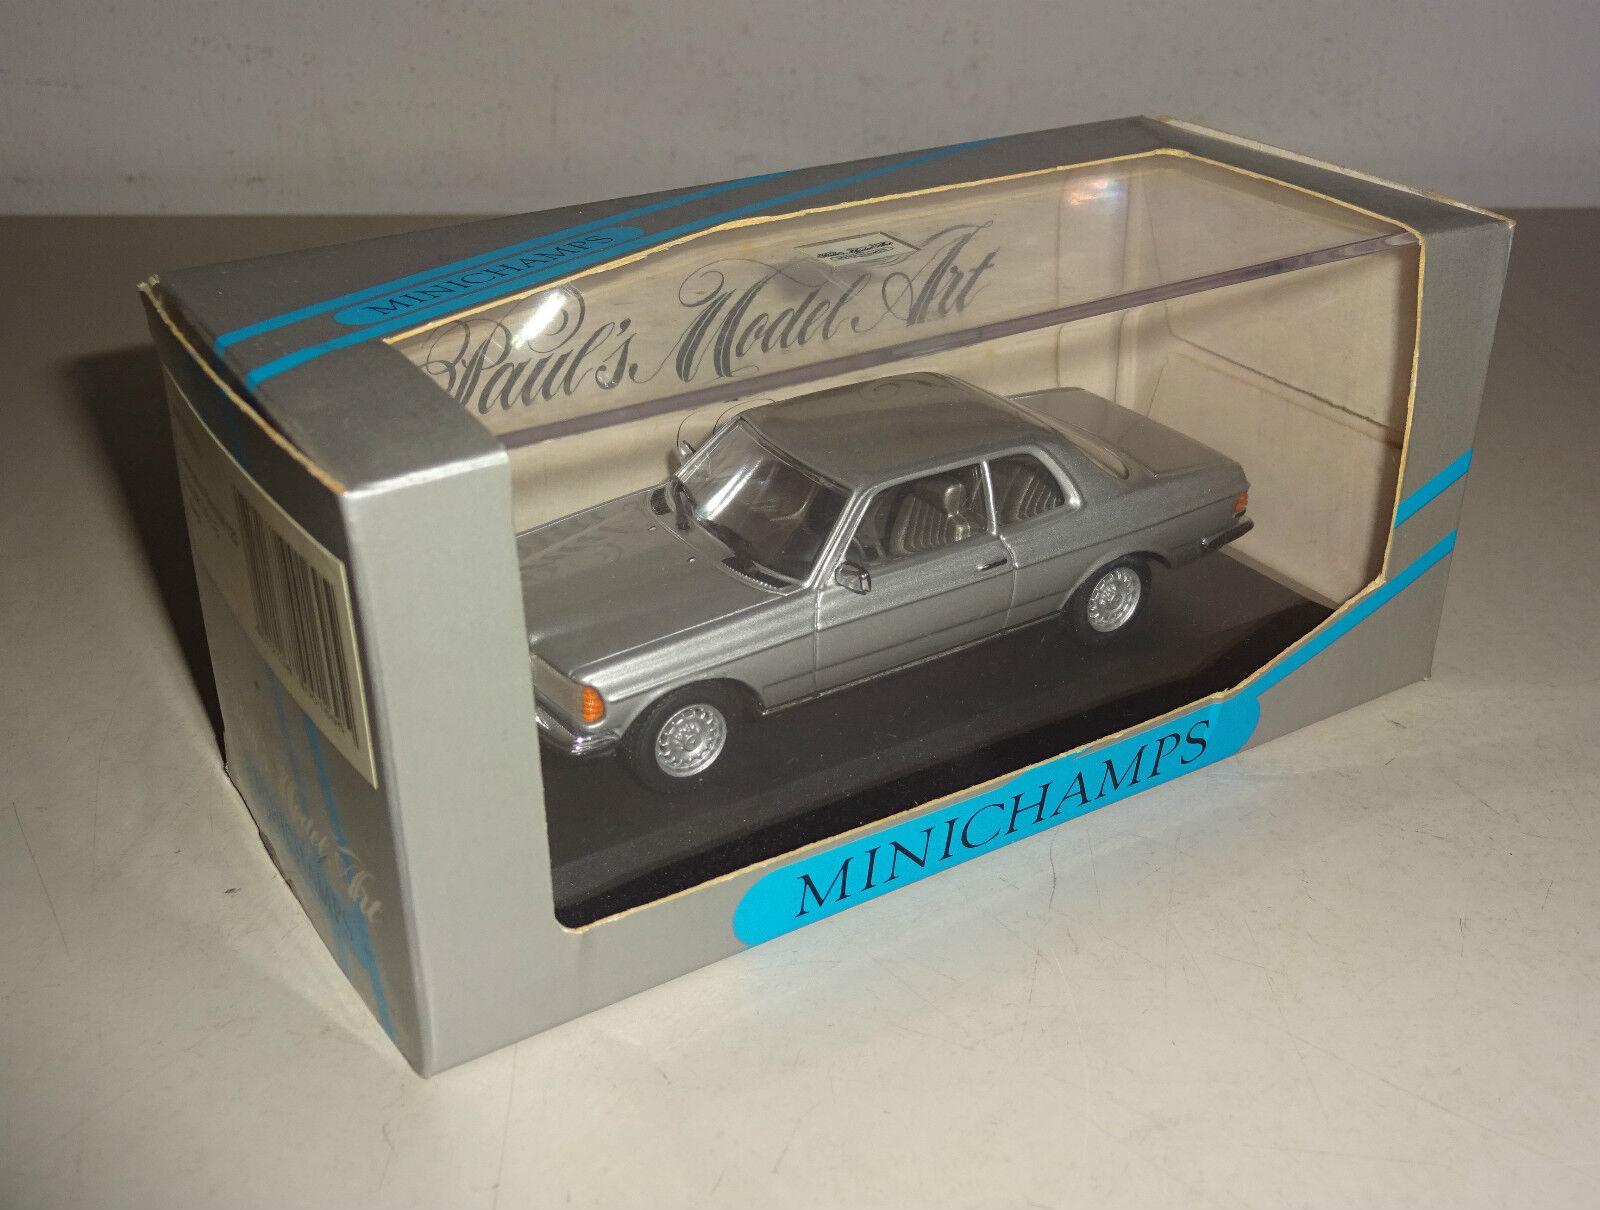 Mercedes-Benz W 123 Coupé 280 Ce Ce Ce Argent / Argent Métallique Minichamps 1:43   élégante Et Gracieuse    Fabrication Habile    Se Vendant Bien Partout Dans Le Monde  cf705d